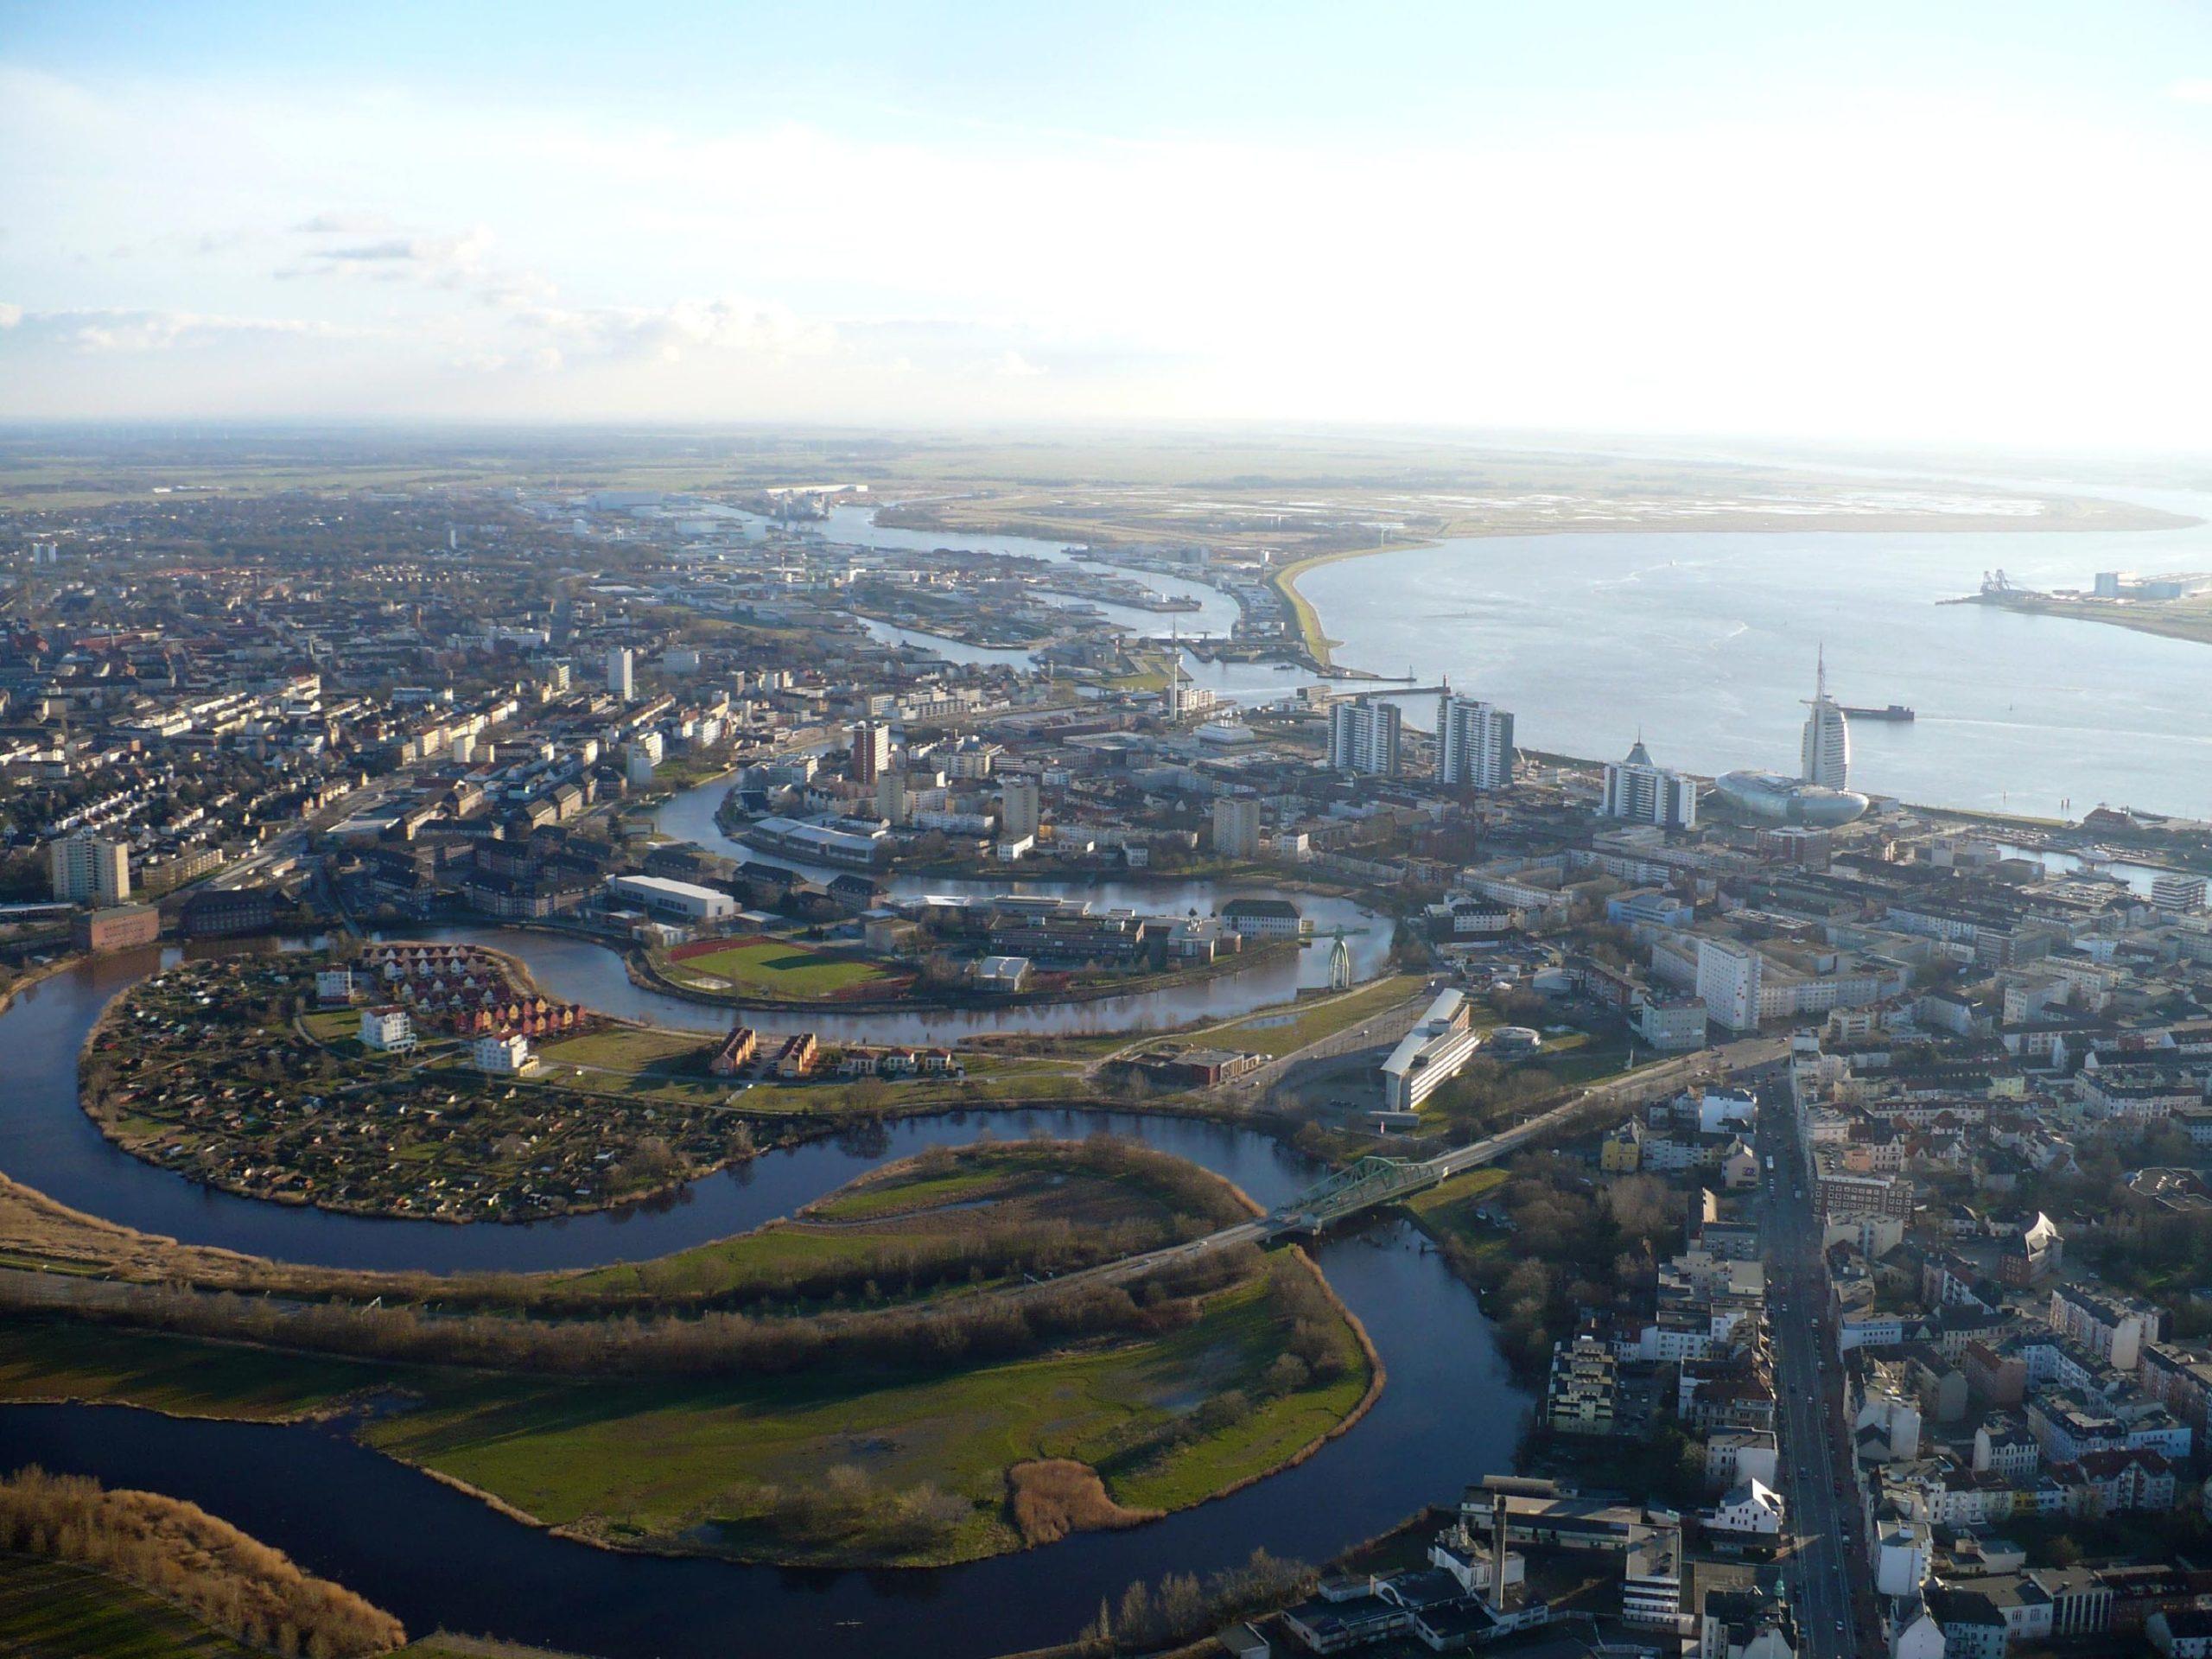 Luftaufnahme der Ortsmitte Bremerhavens